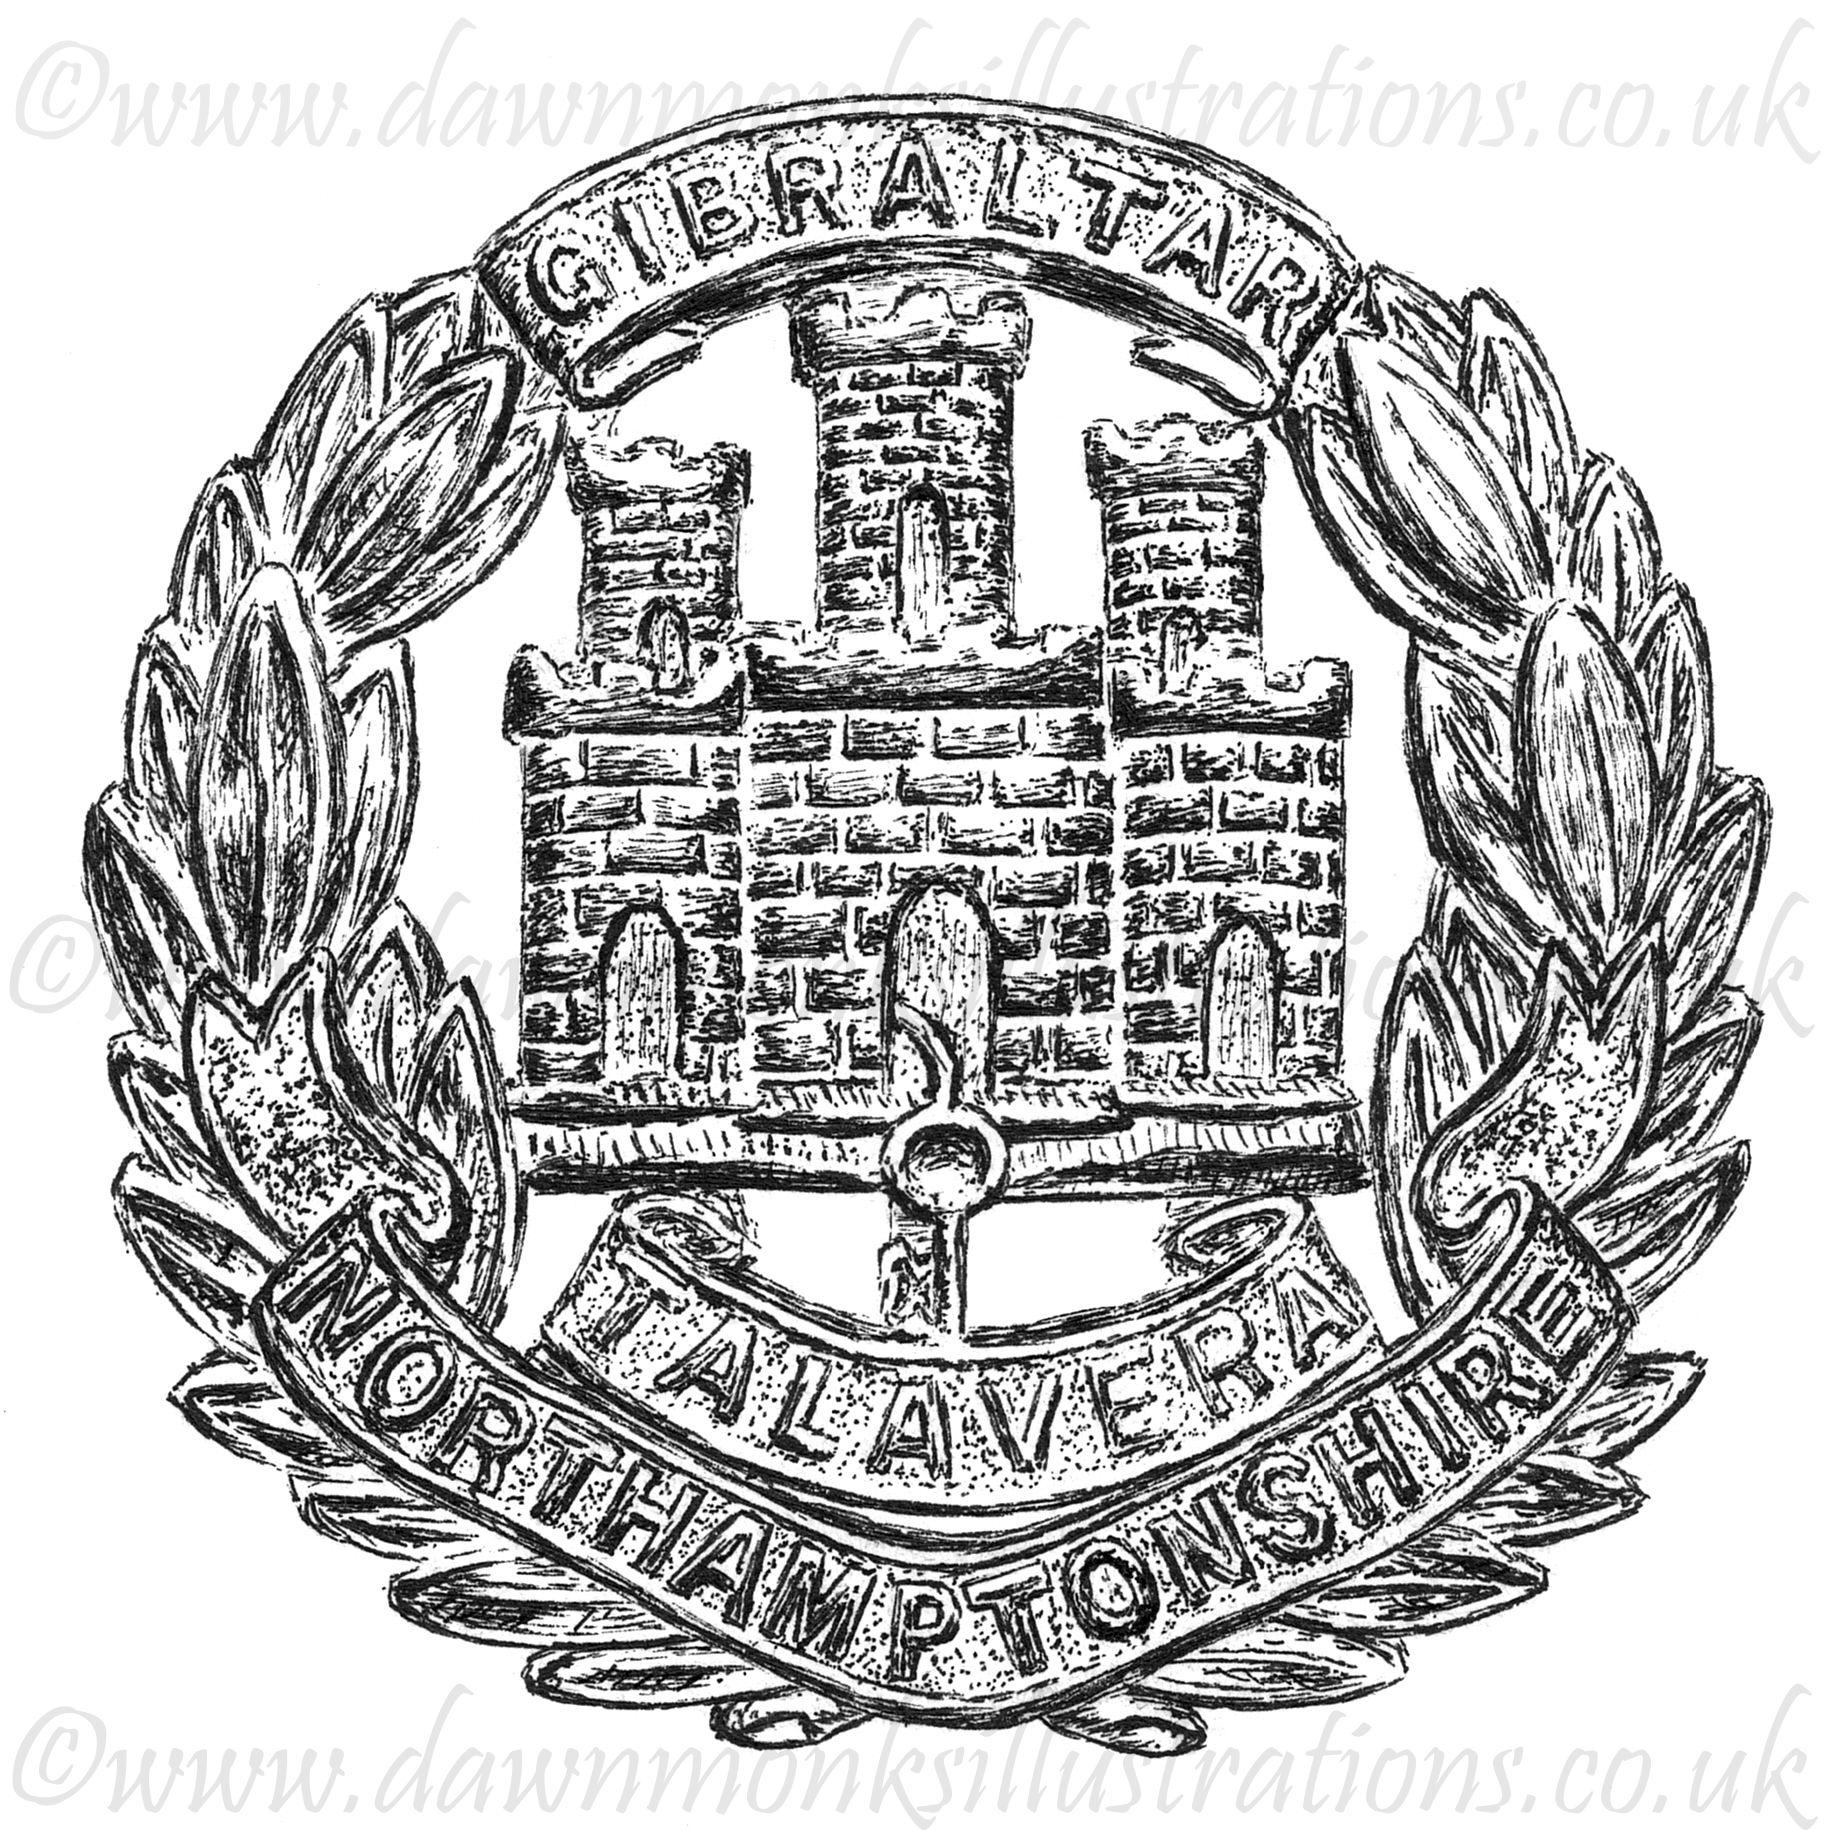 Northamptonshire Regiment WW1/WW2 Cap Badge Design - Baseball Cap